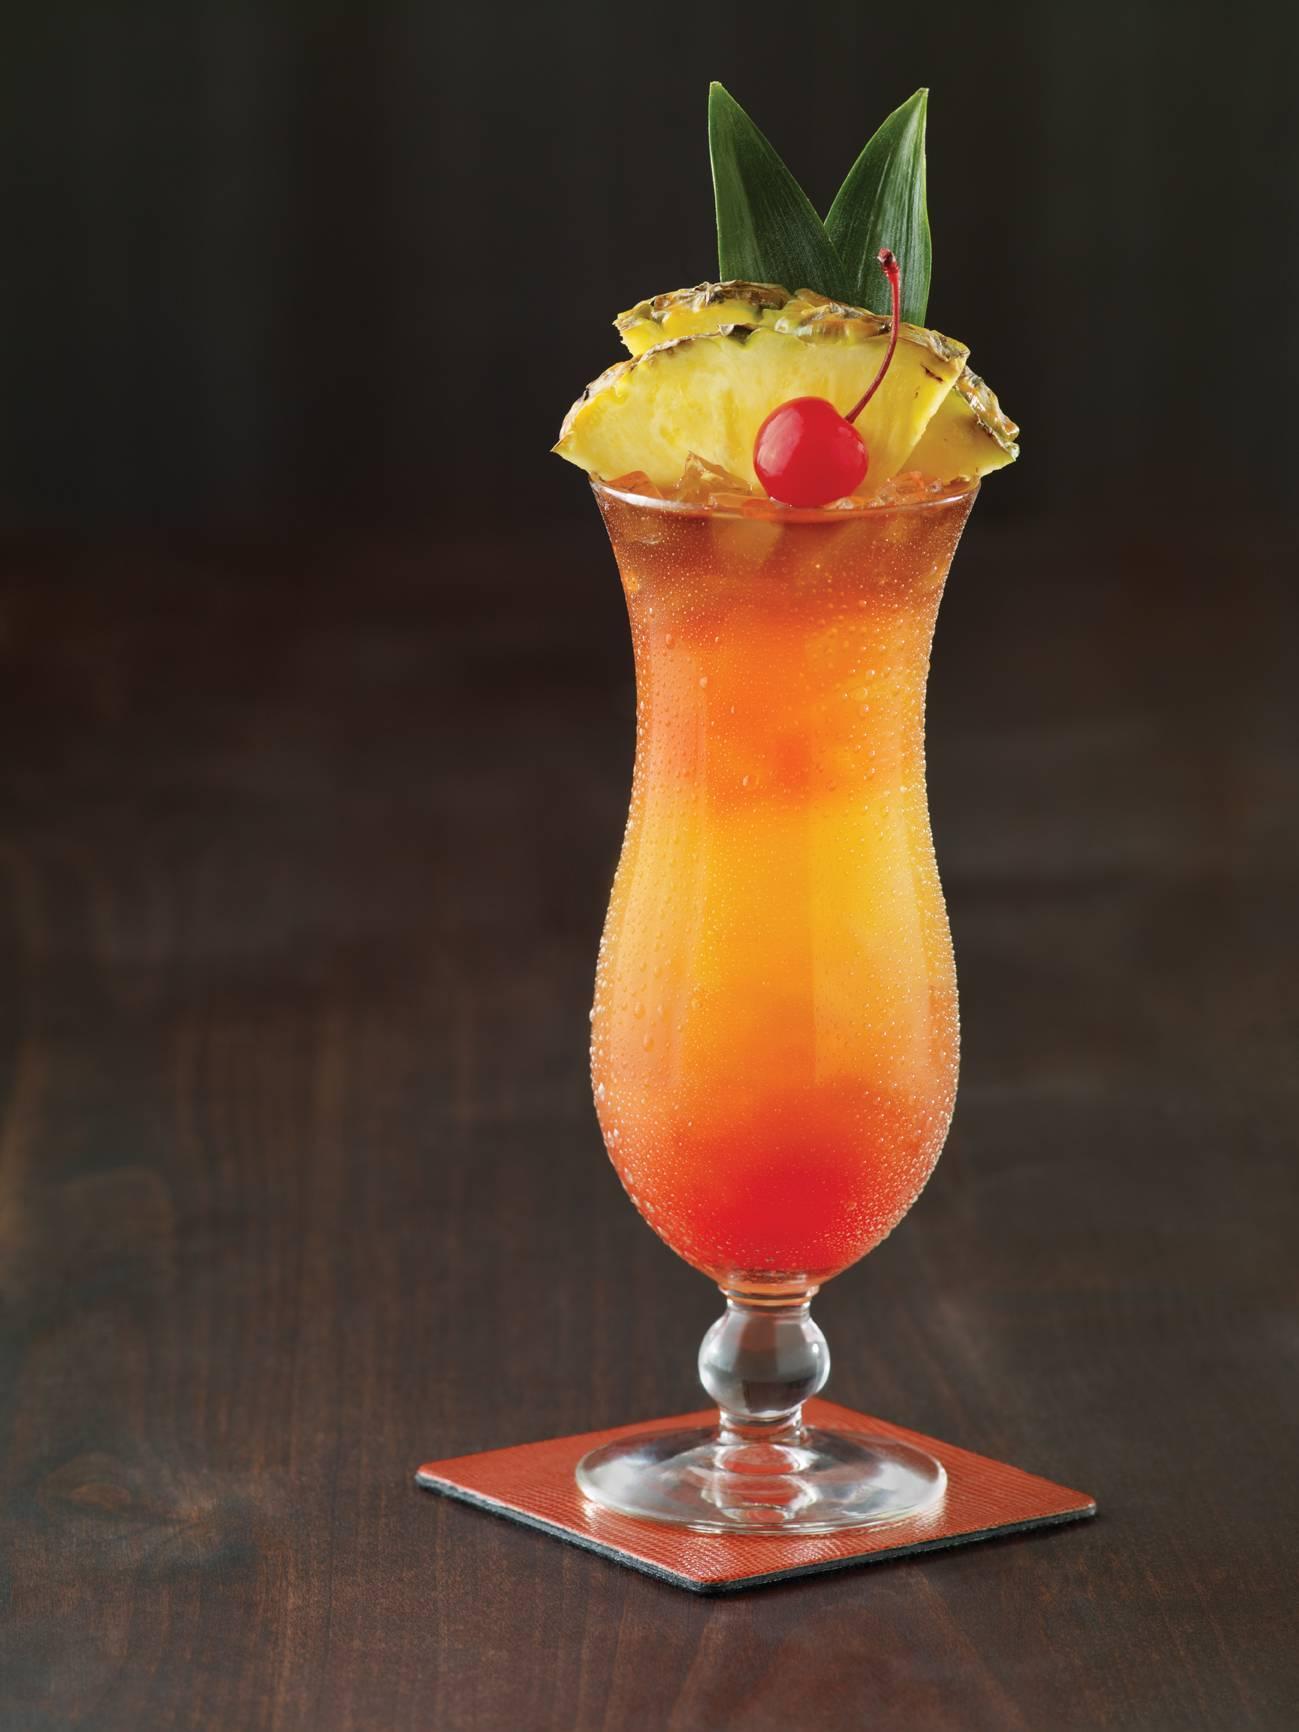 Коктейль май тай (mai thai): классический рецепт приготовления напитка, в состав которого входит алкогольная основа - ром